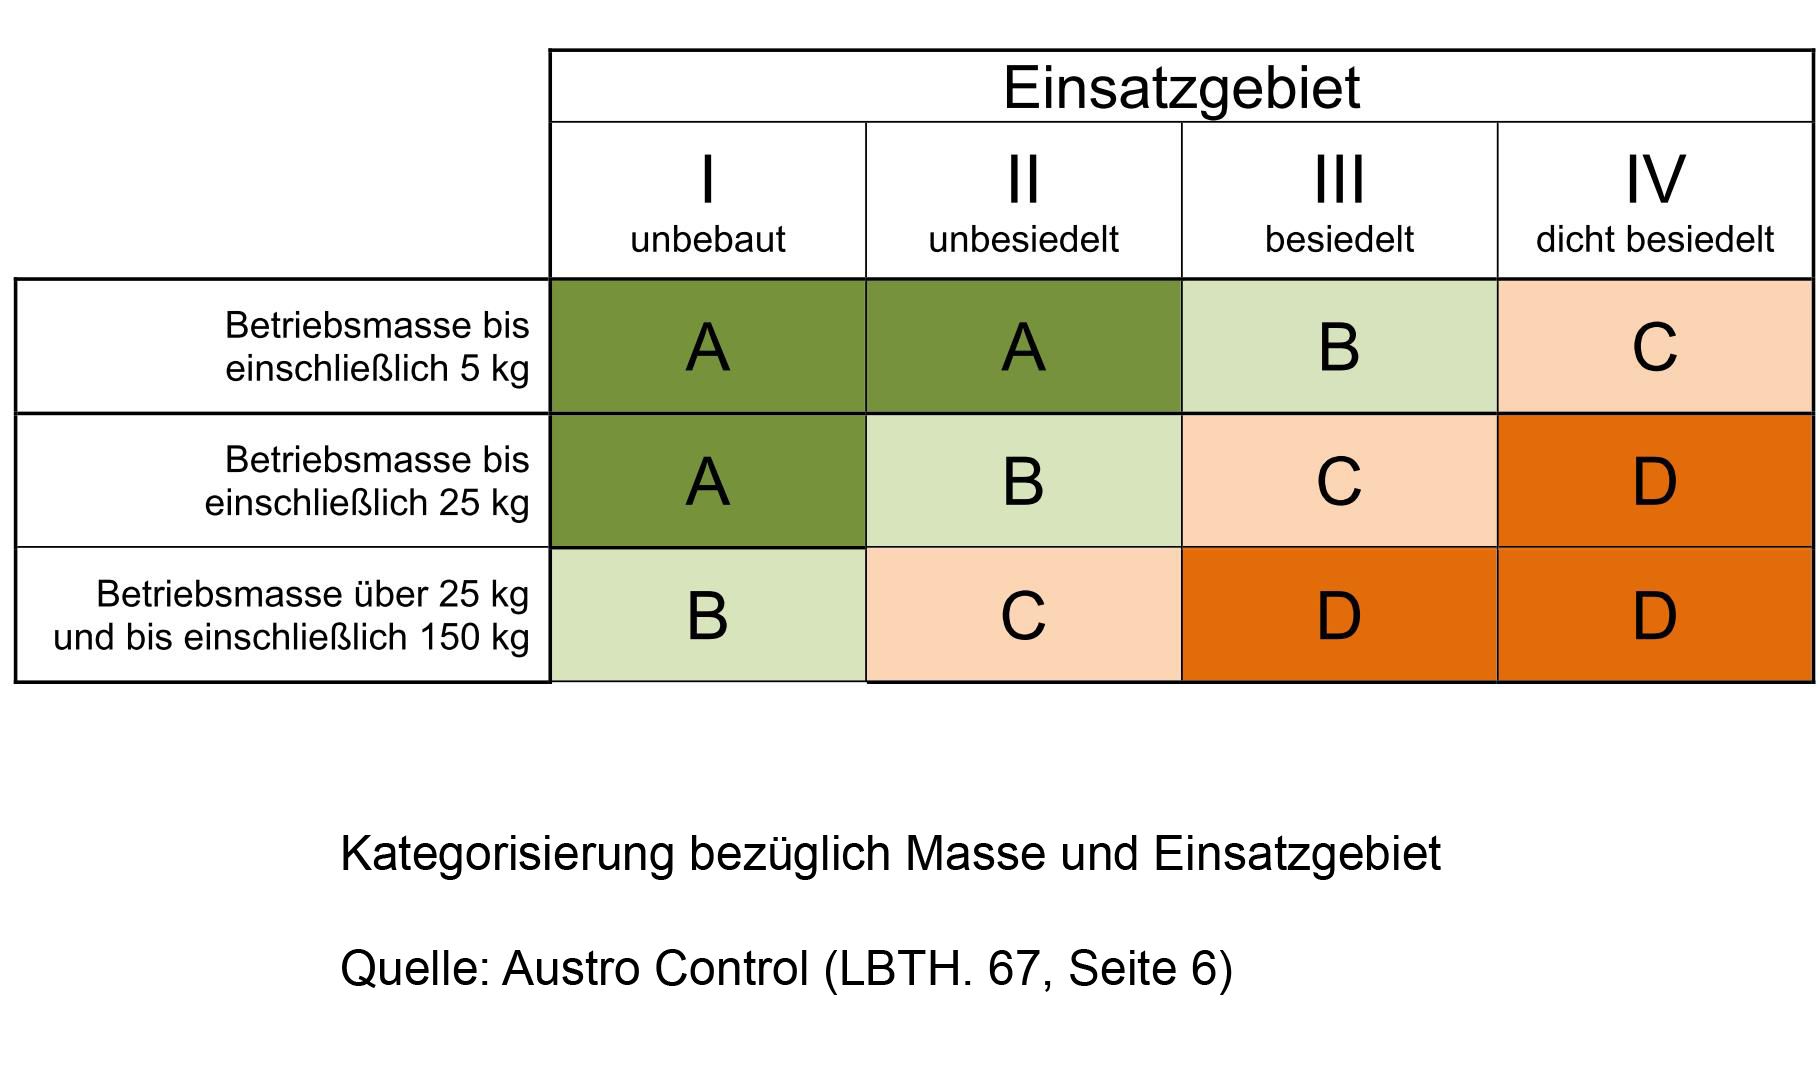 Zulassungskriterien in Österreich